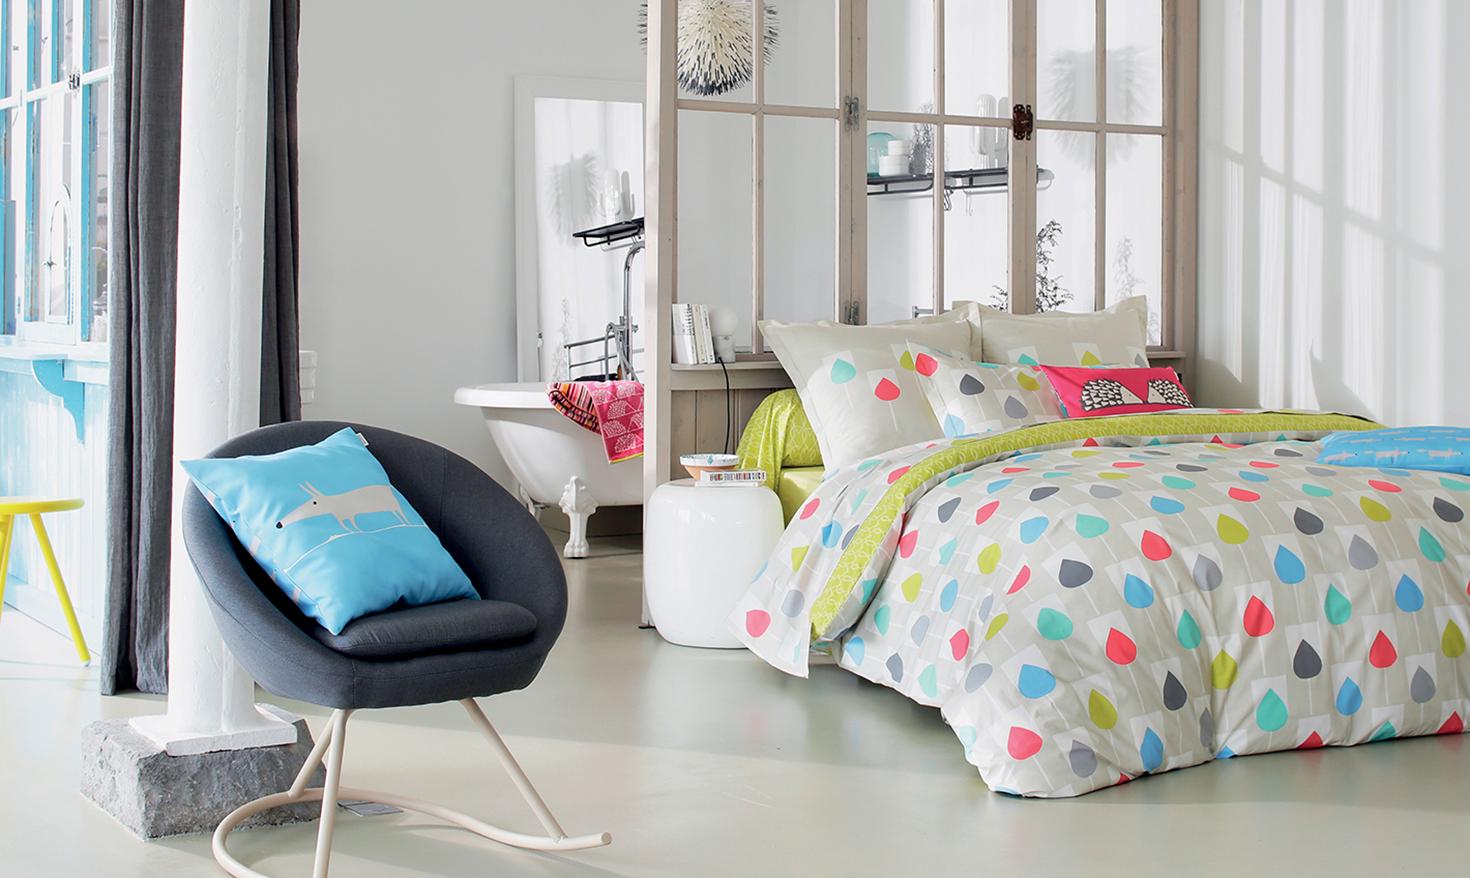 blanc des vosges linge de maison fabrication francaise. Black Bedroom Furniture Sets. Home Design Ideas